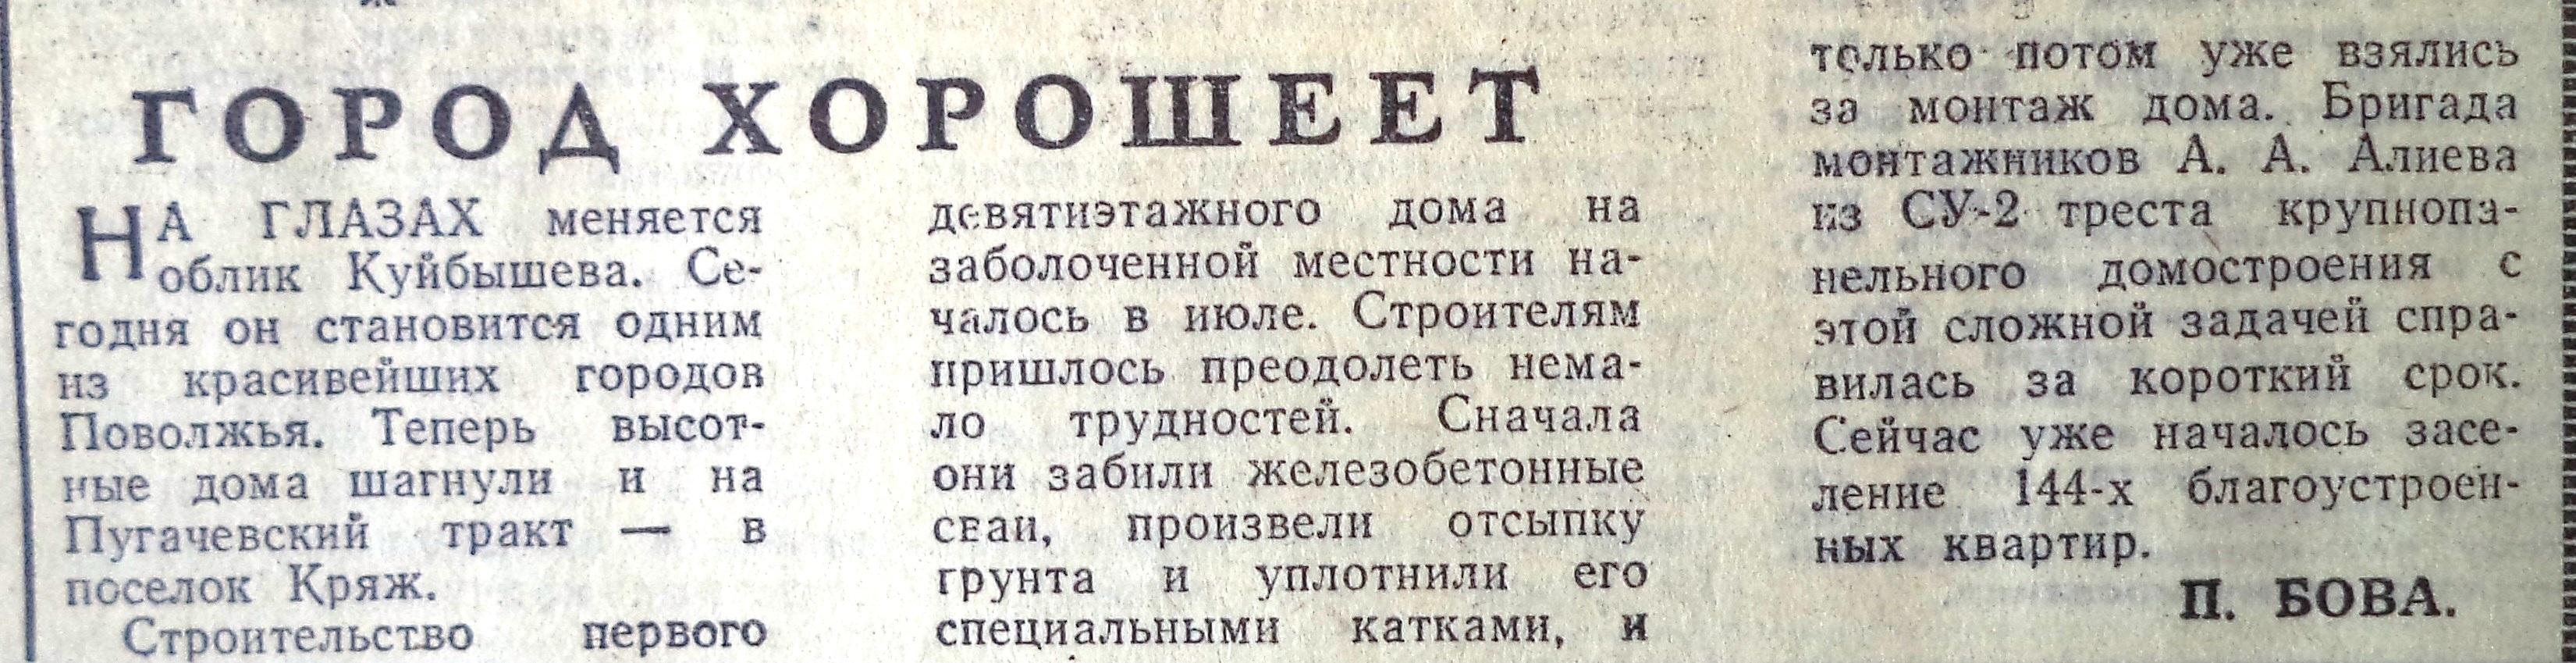 Пугачёвский-ФОТО-20-ВЗя-1973-01-05-первая высотка на Пугач. тракте